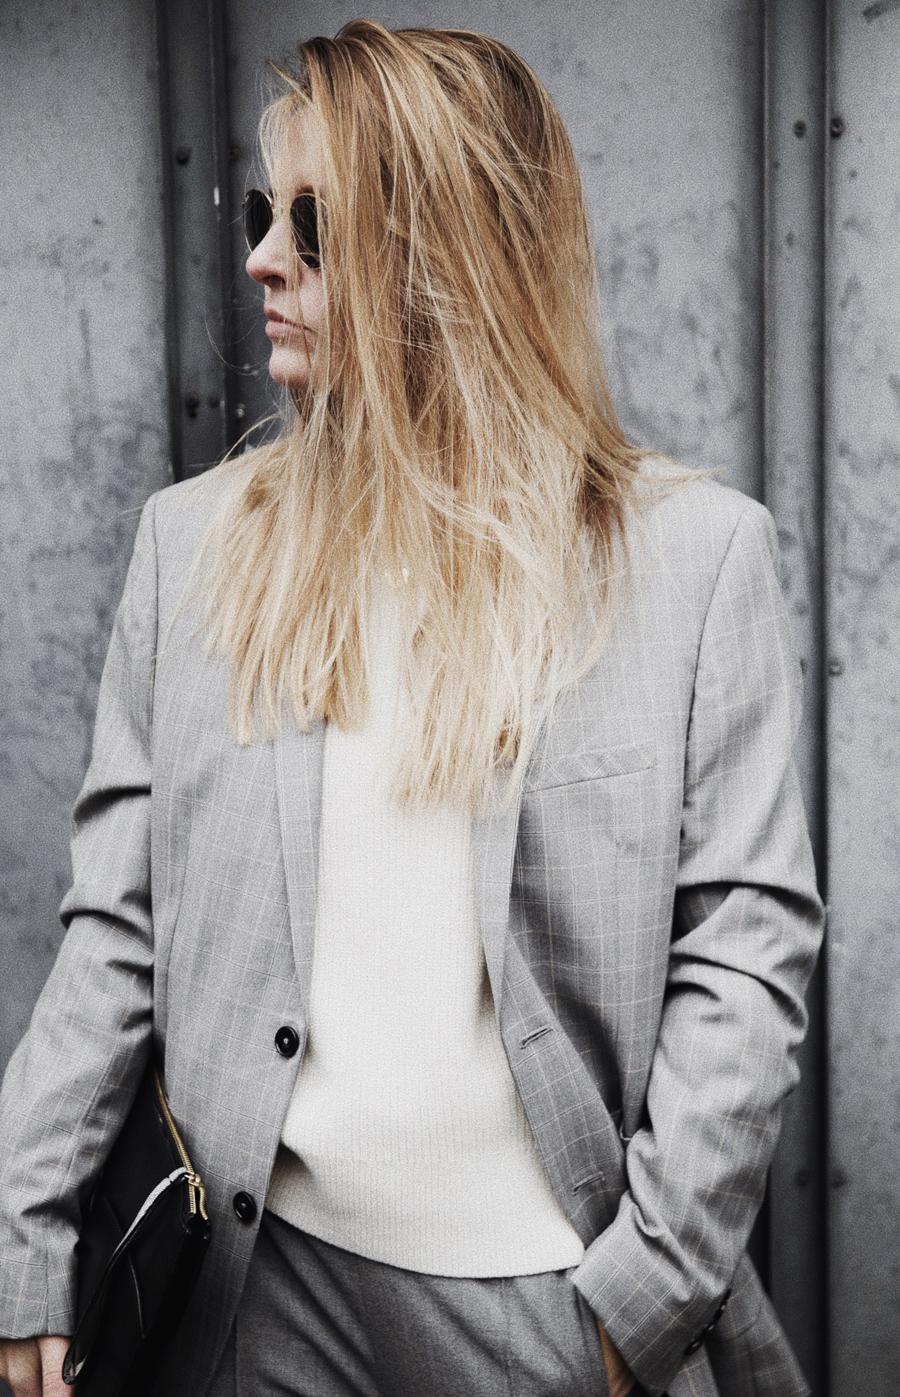 Outfit-fashionblogger-rominamey-suit-portrait-hair